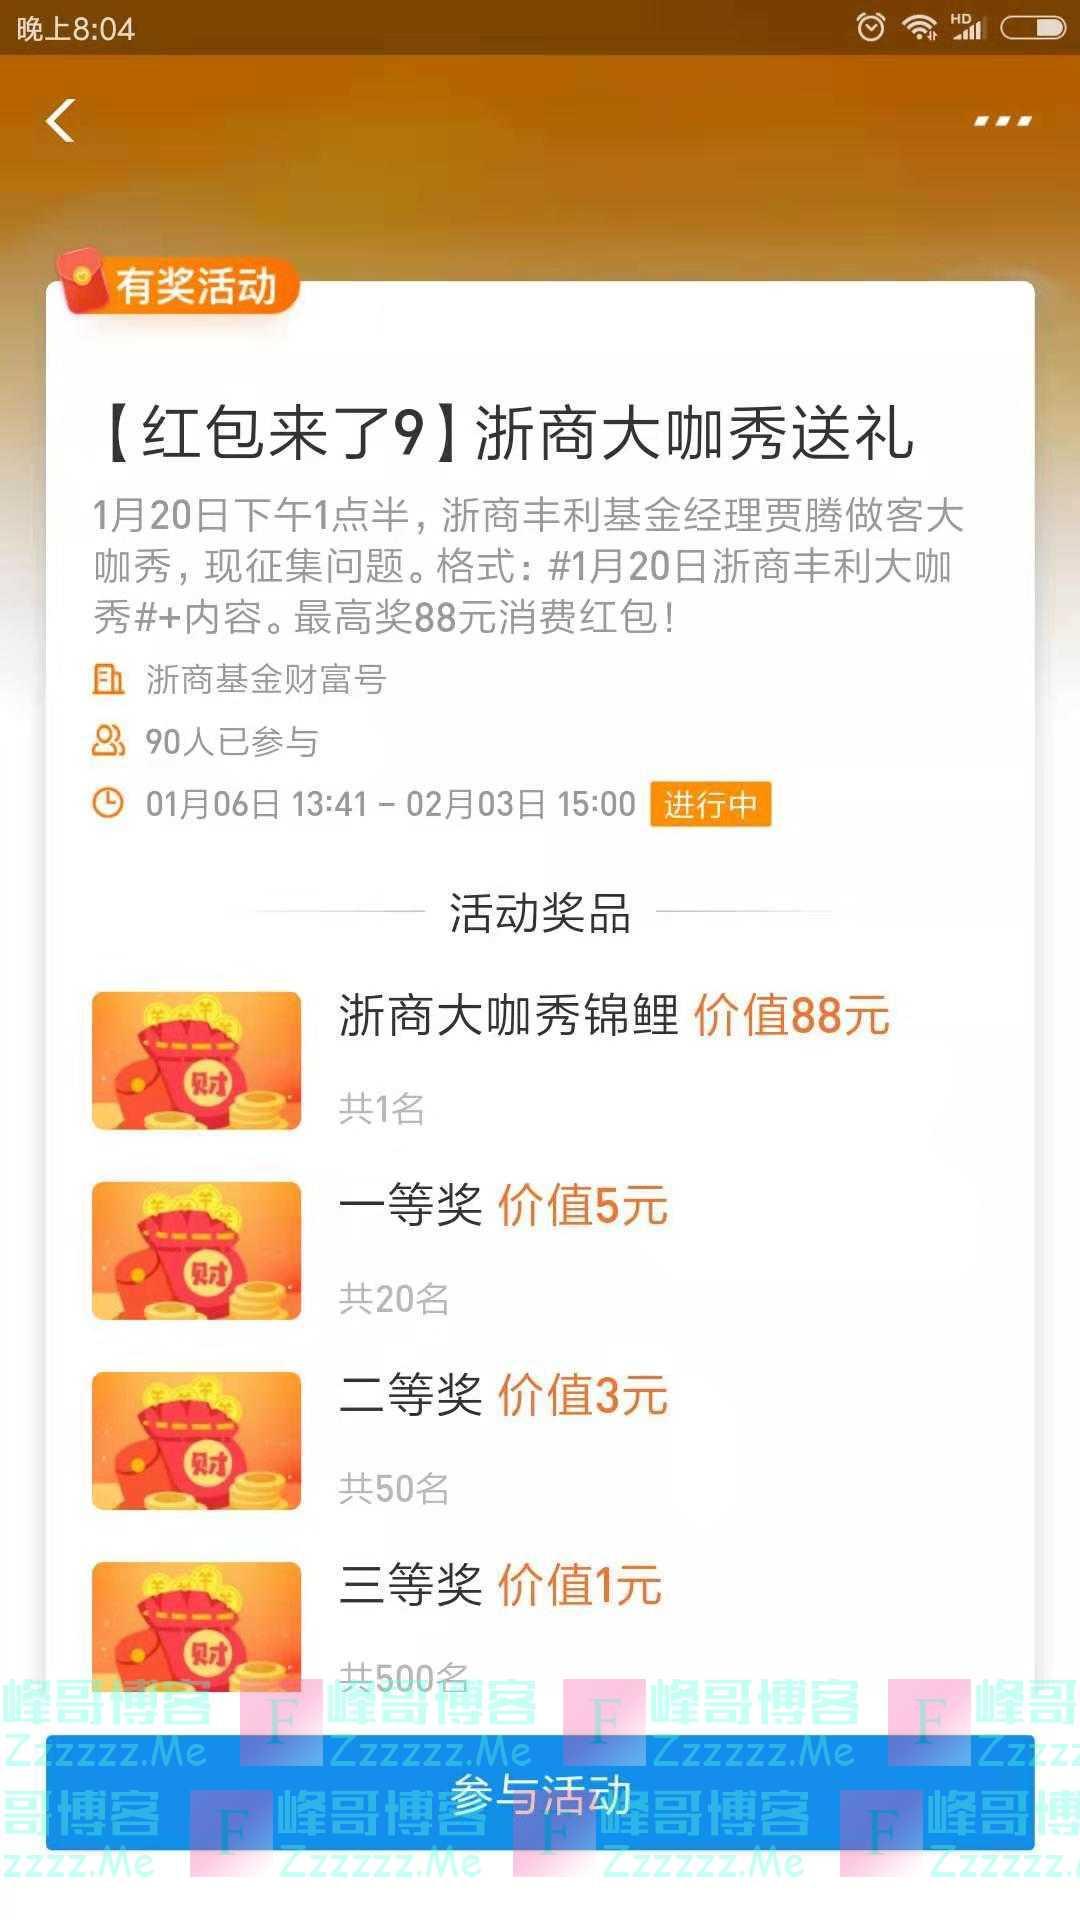 浙商基金红包来了9 浙商大咖秀送礼(截止2月3日)